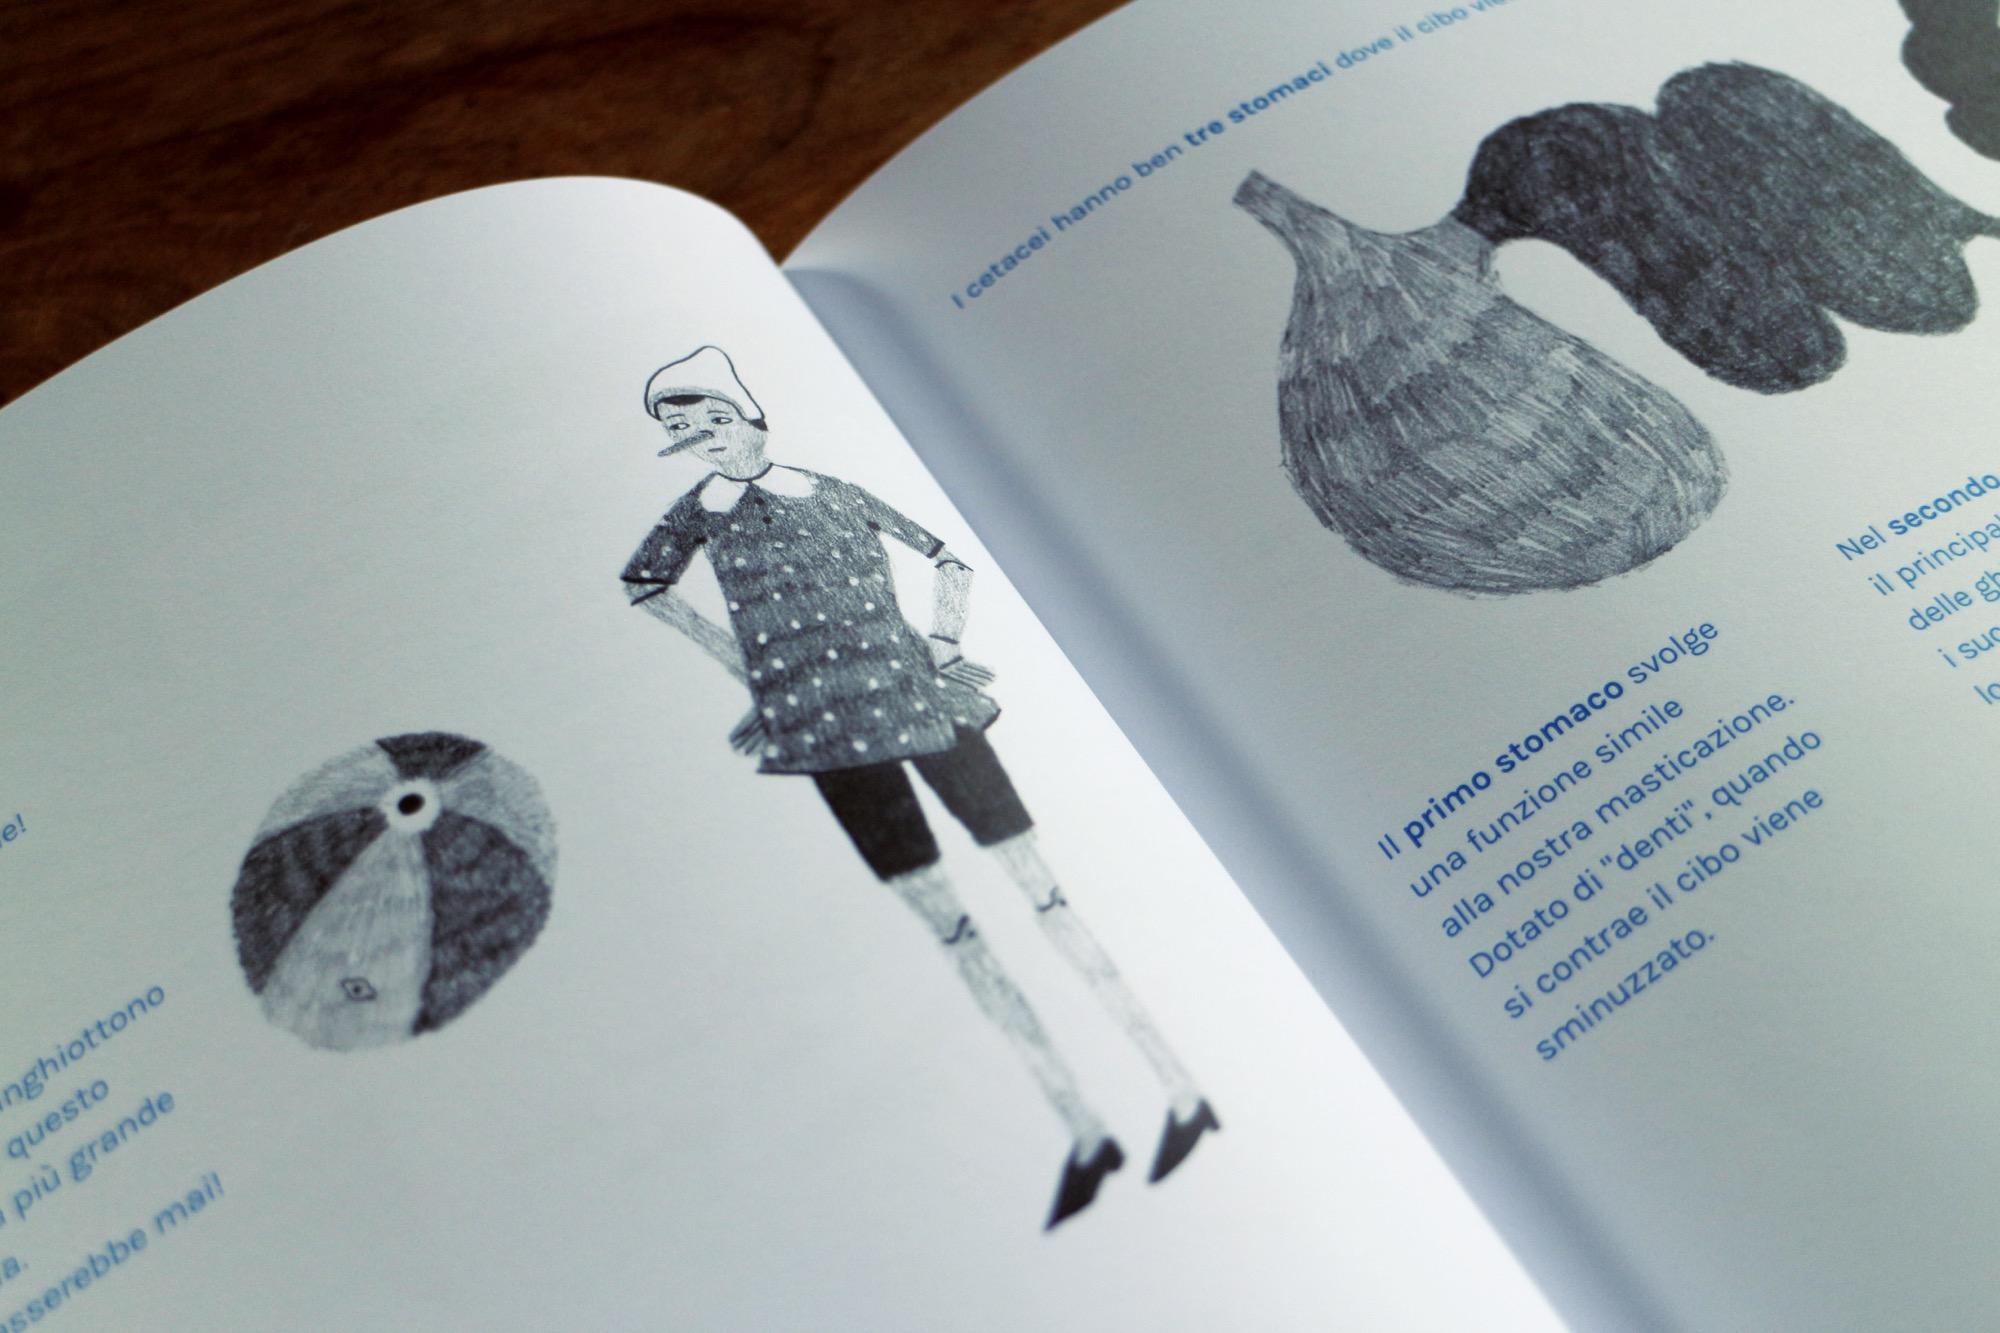 un libro sulle balene antinori 11